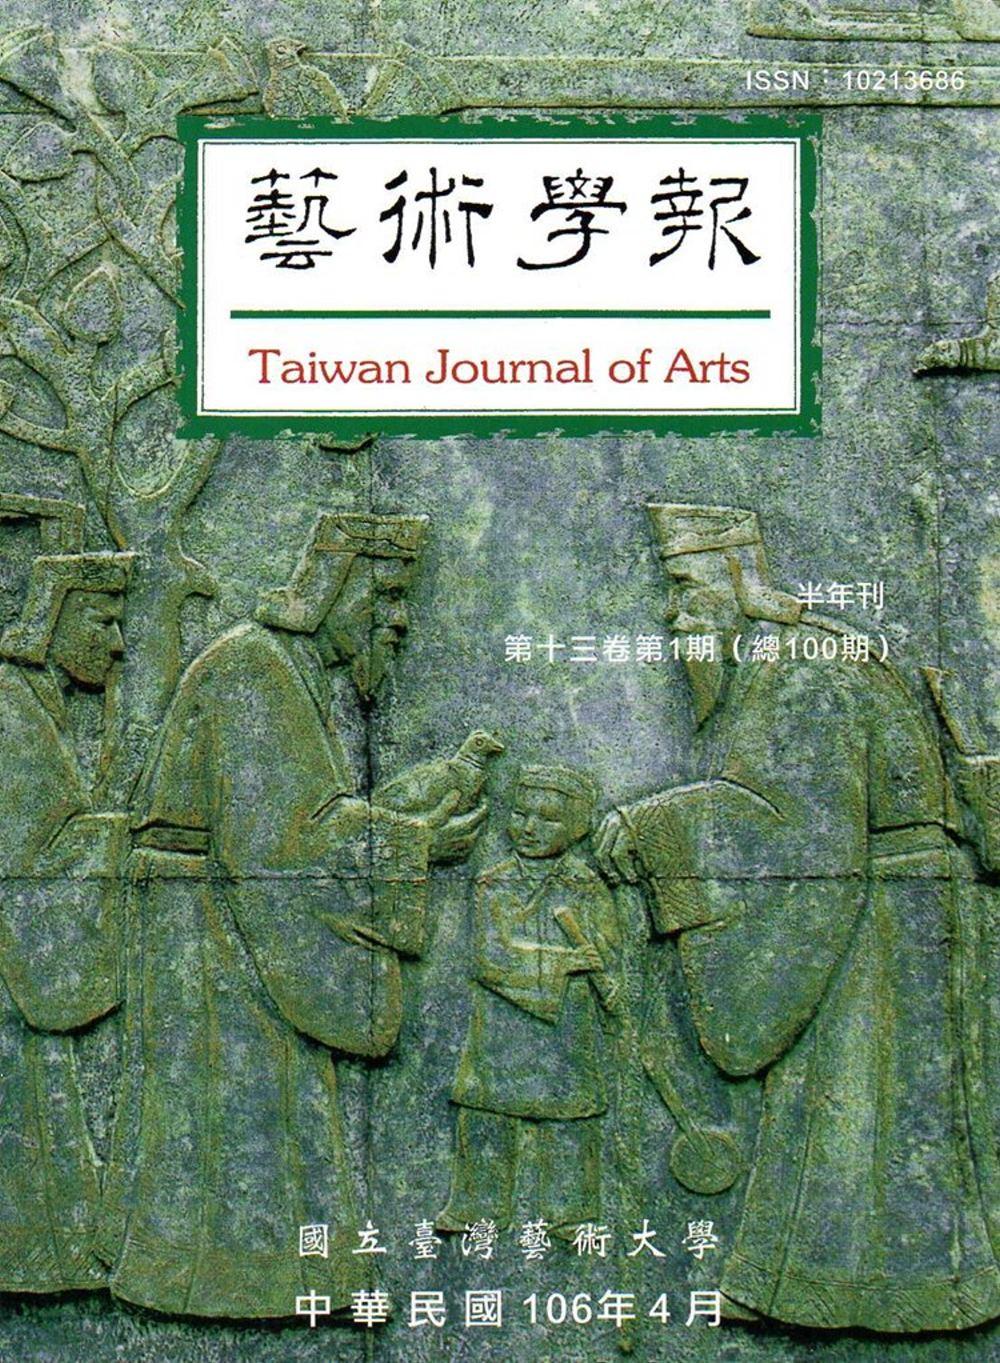 藝術學報13卷1期(總100)半年刊106.04